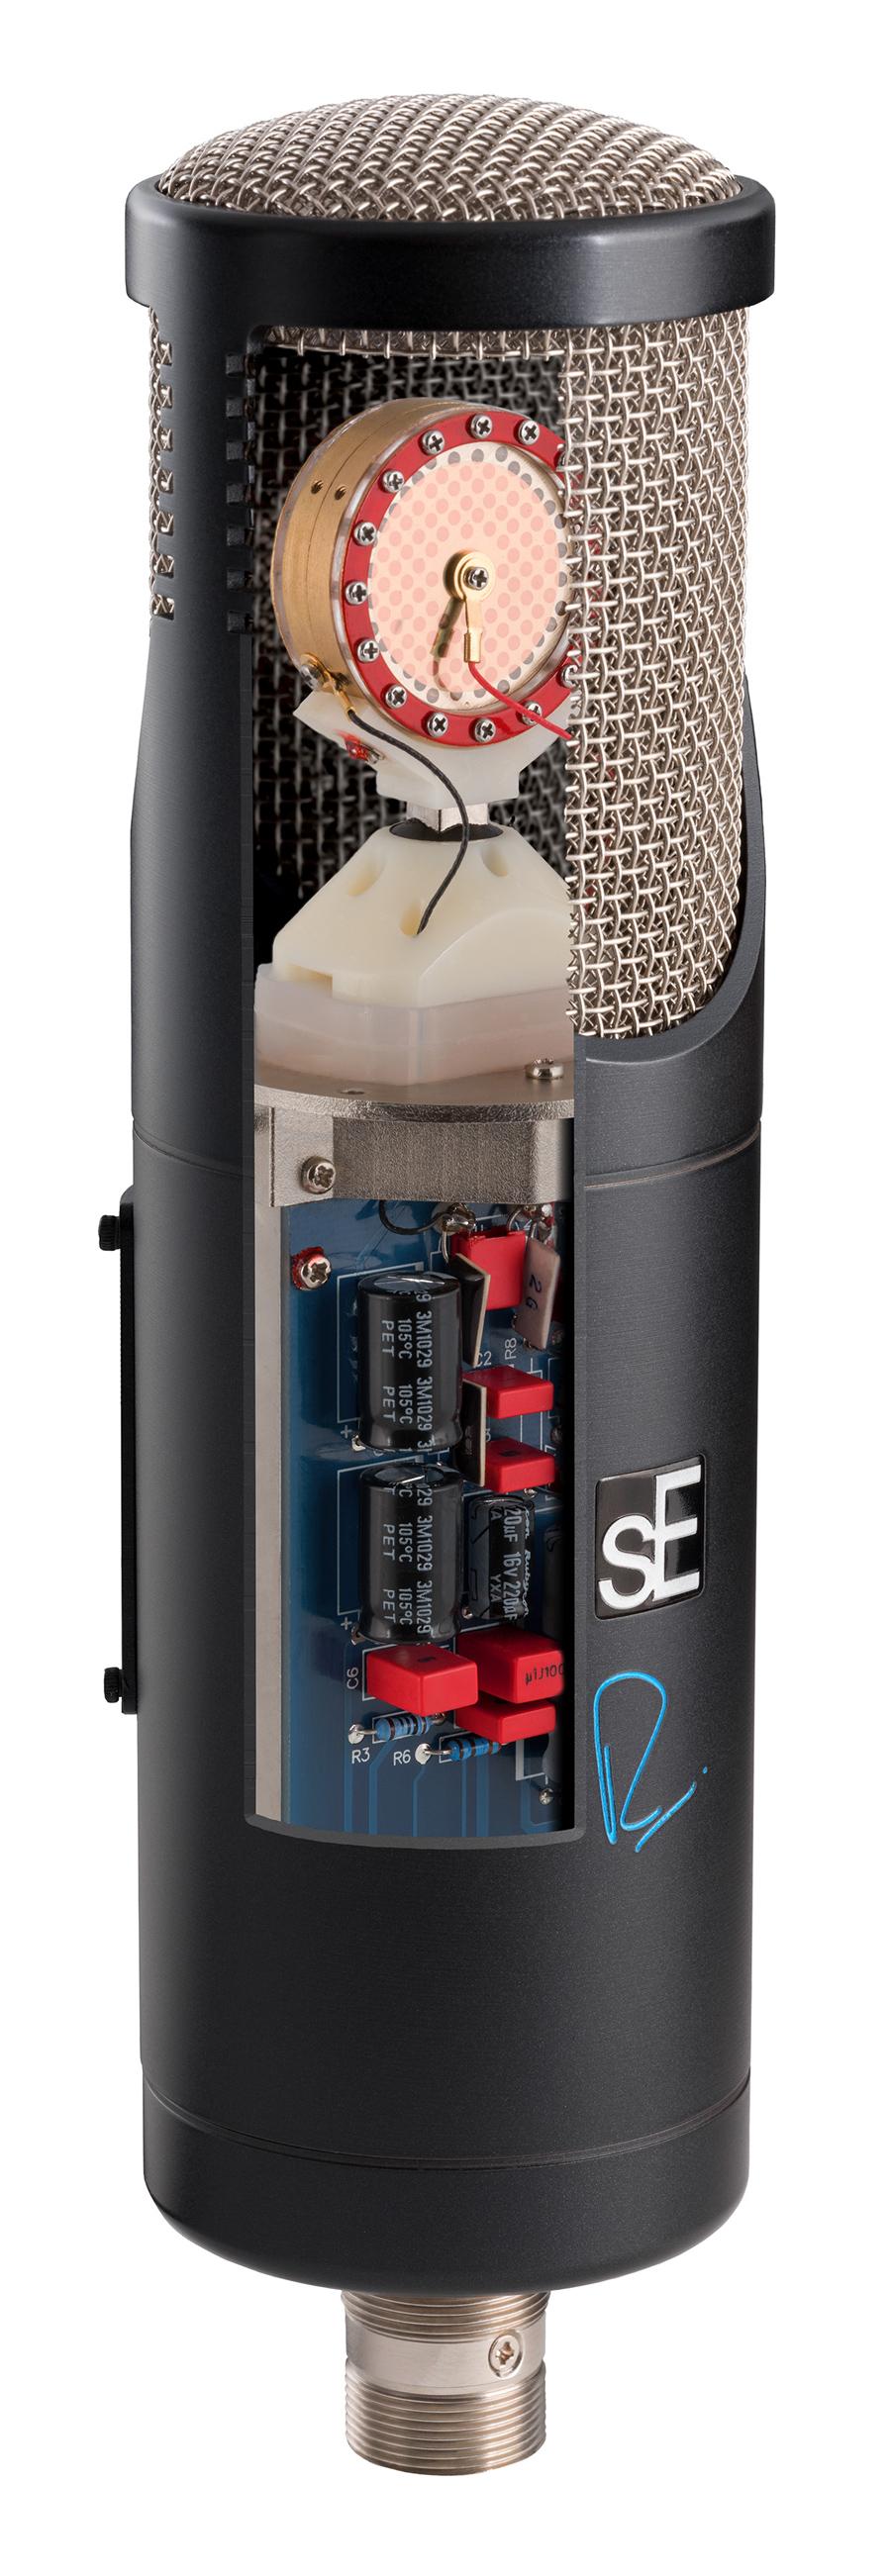 sE-RNT-open-mic-pcb-front.jpg